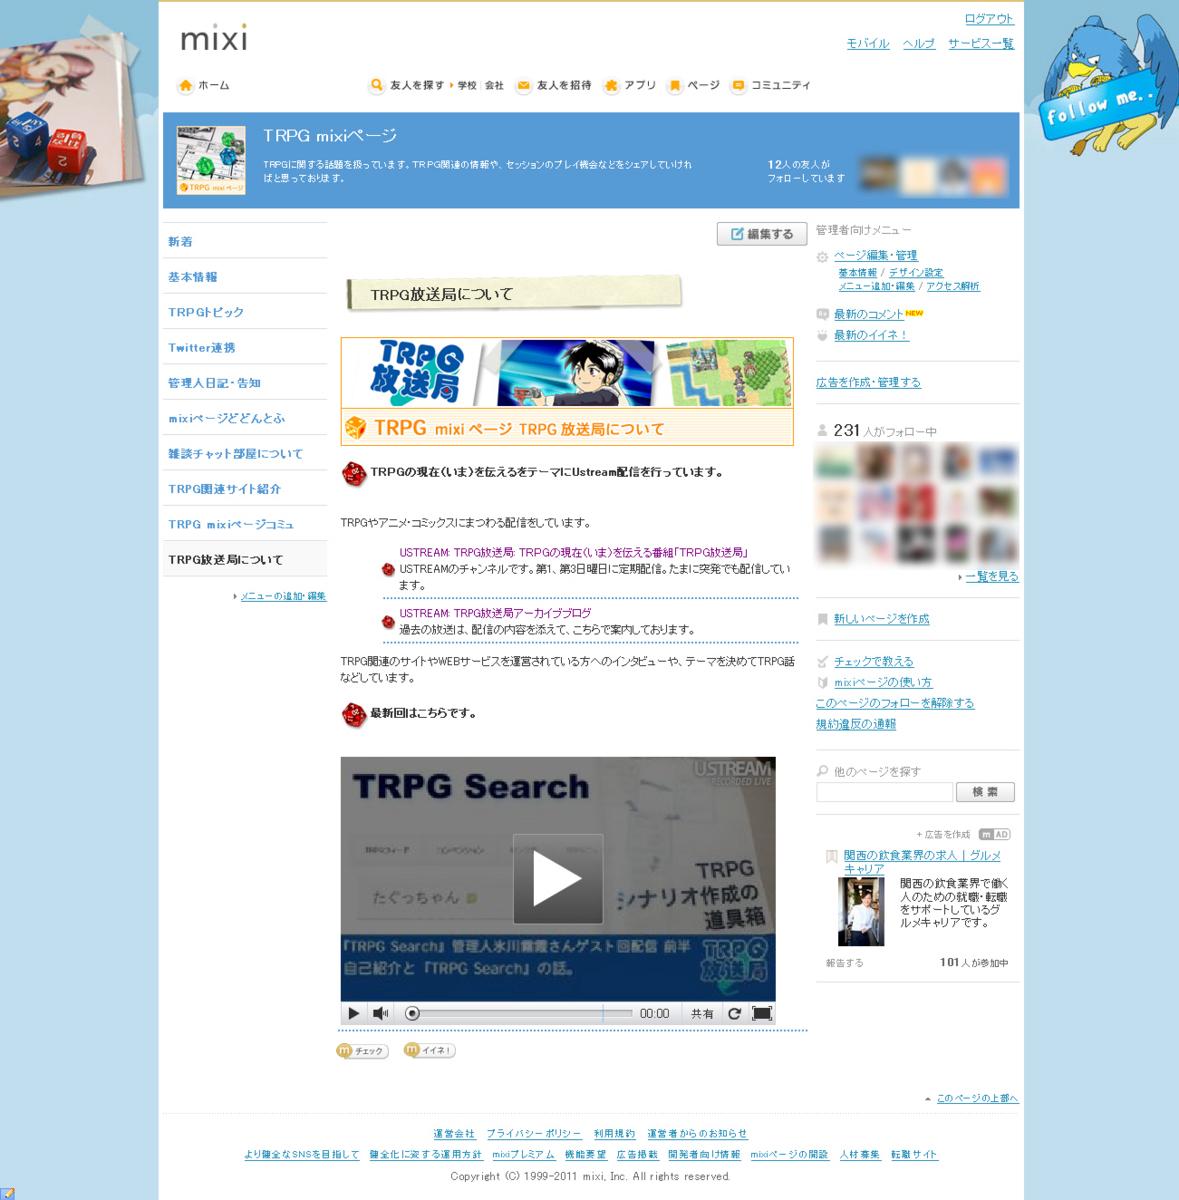 TRPGmixiページホワイトボード